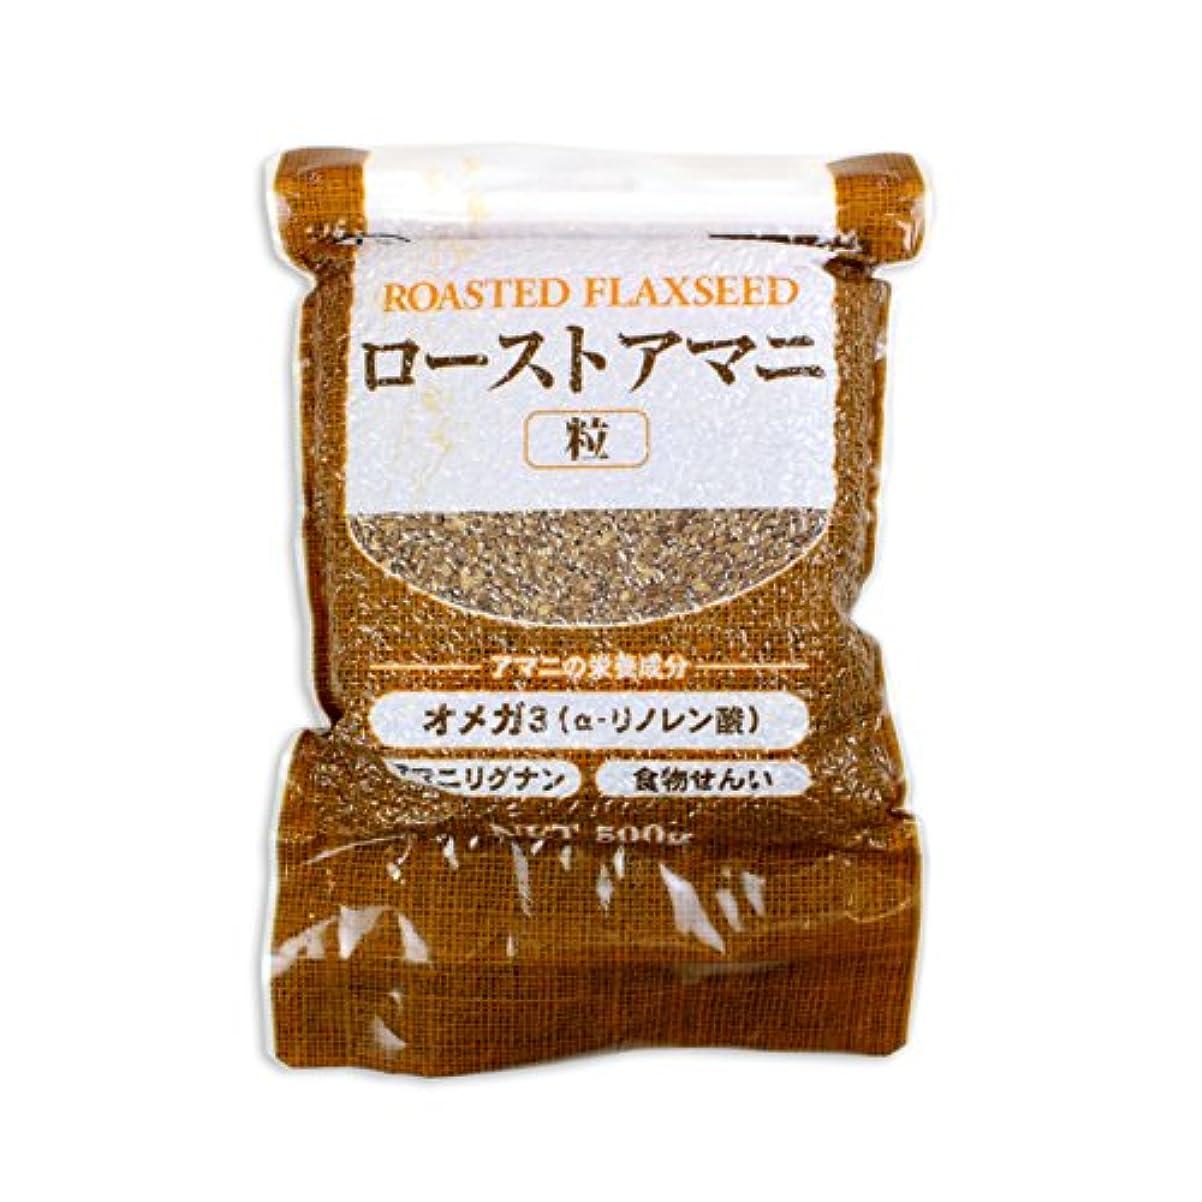 ノート高音国民ローストアマニ 粒 日本製粉 500g